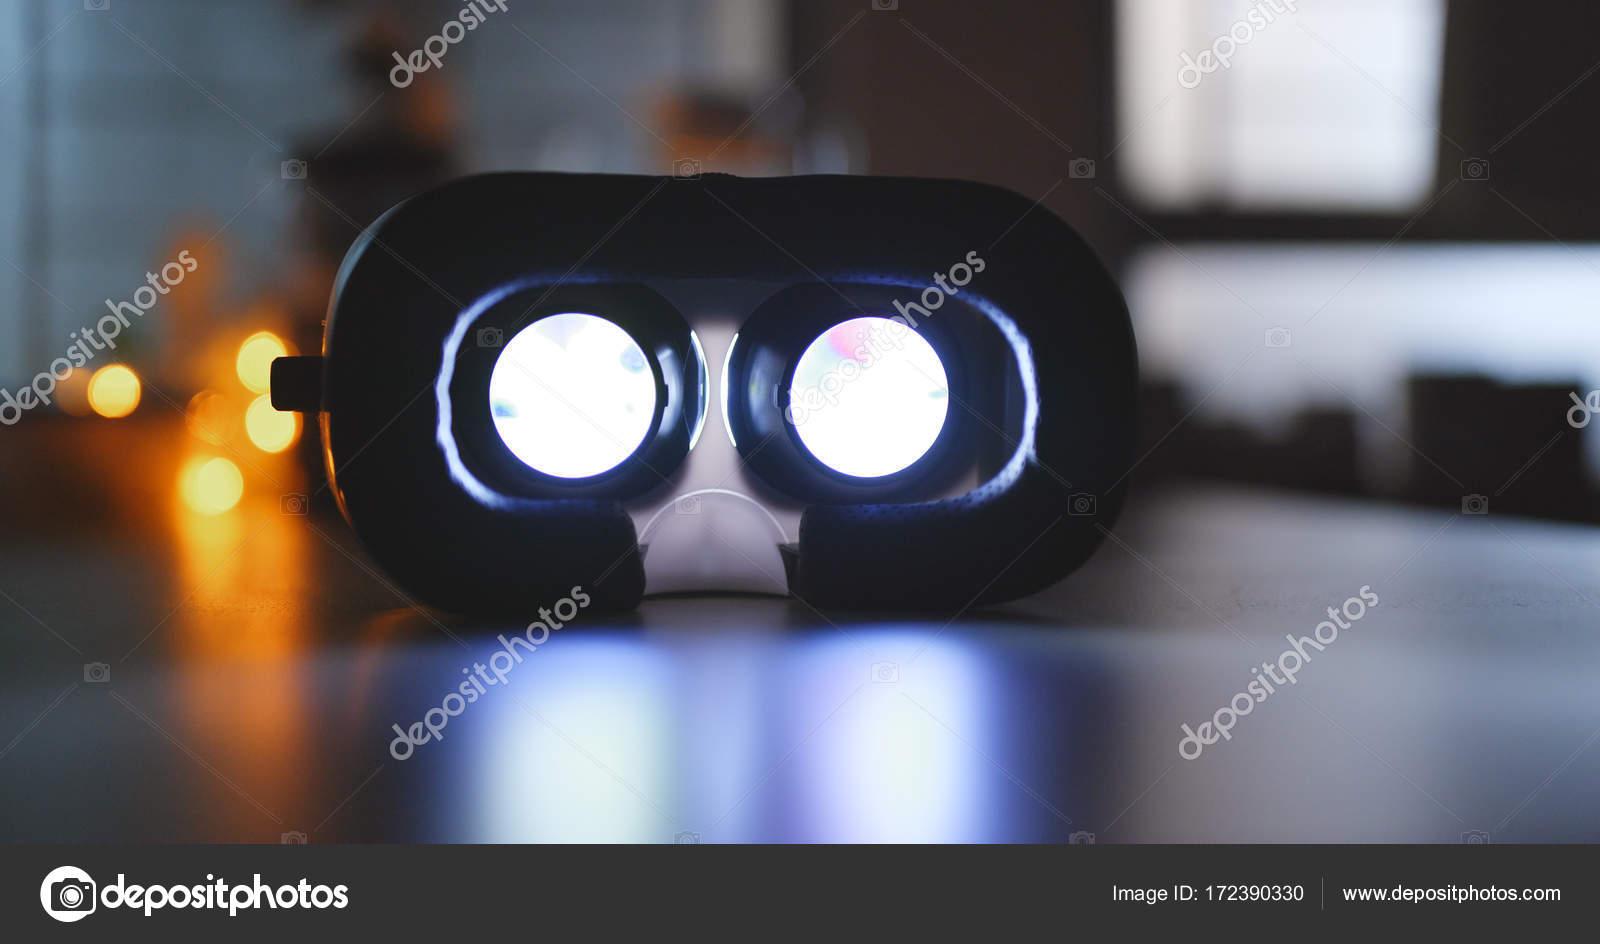 Солнечных лучей очки виртуальной реальности ps4 3d vr коробка 3d.